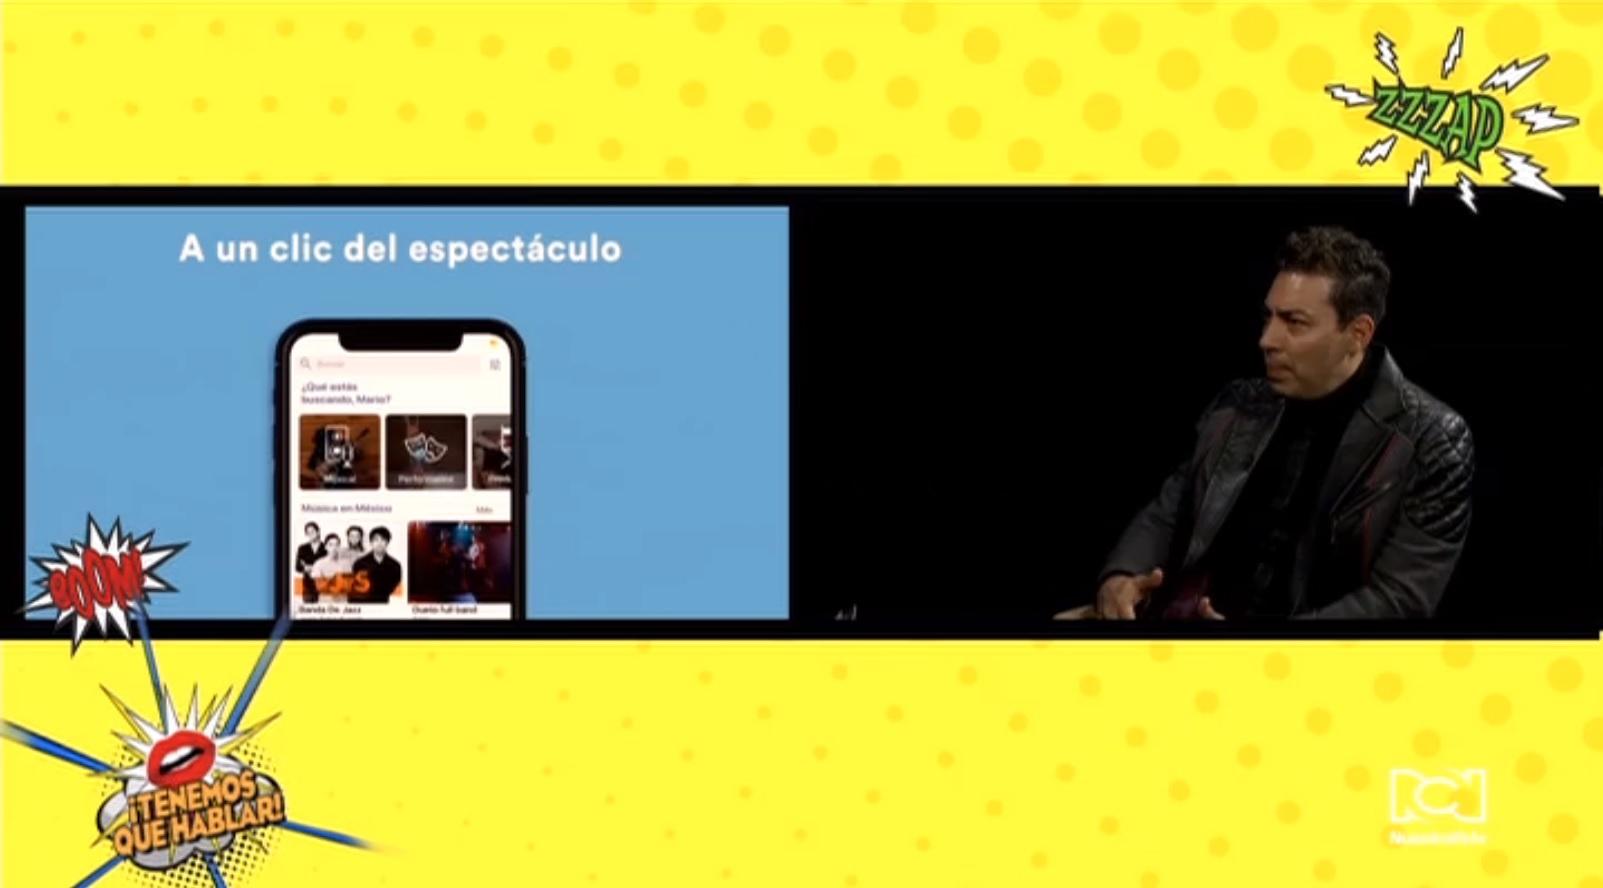 Mario Molinares creó una aplicación para contratar servicios de entretenimiento en la puerta de tu casa